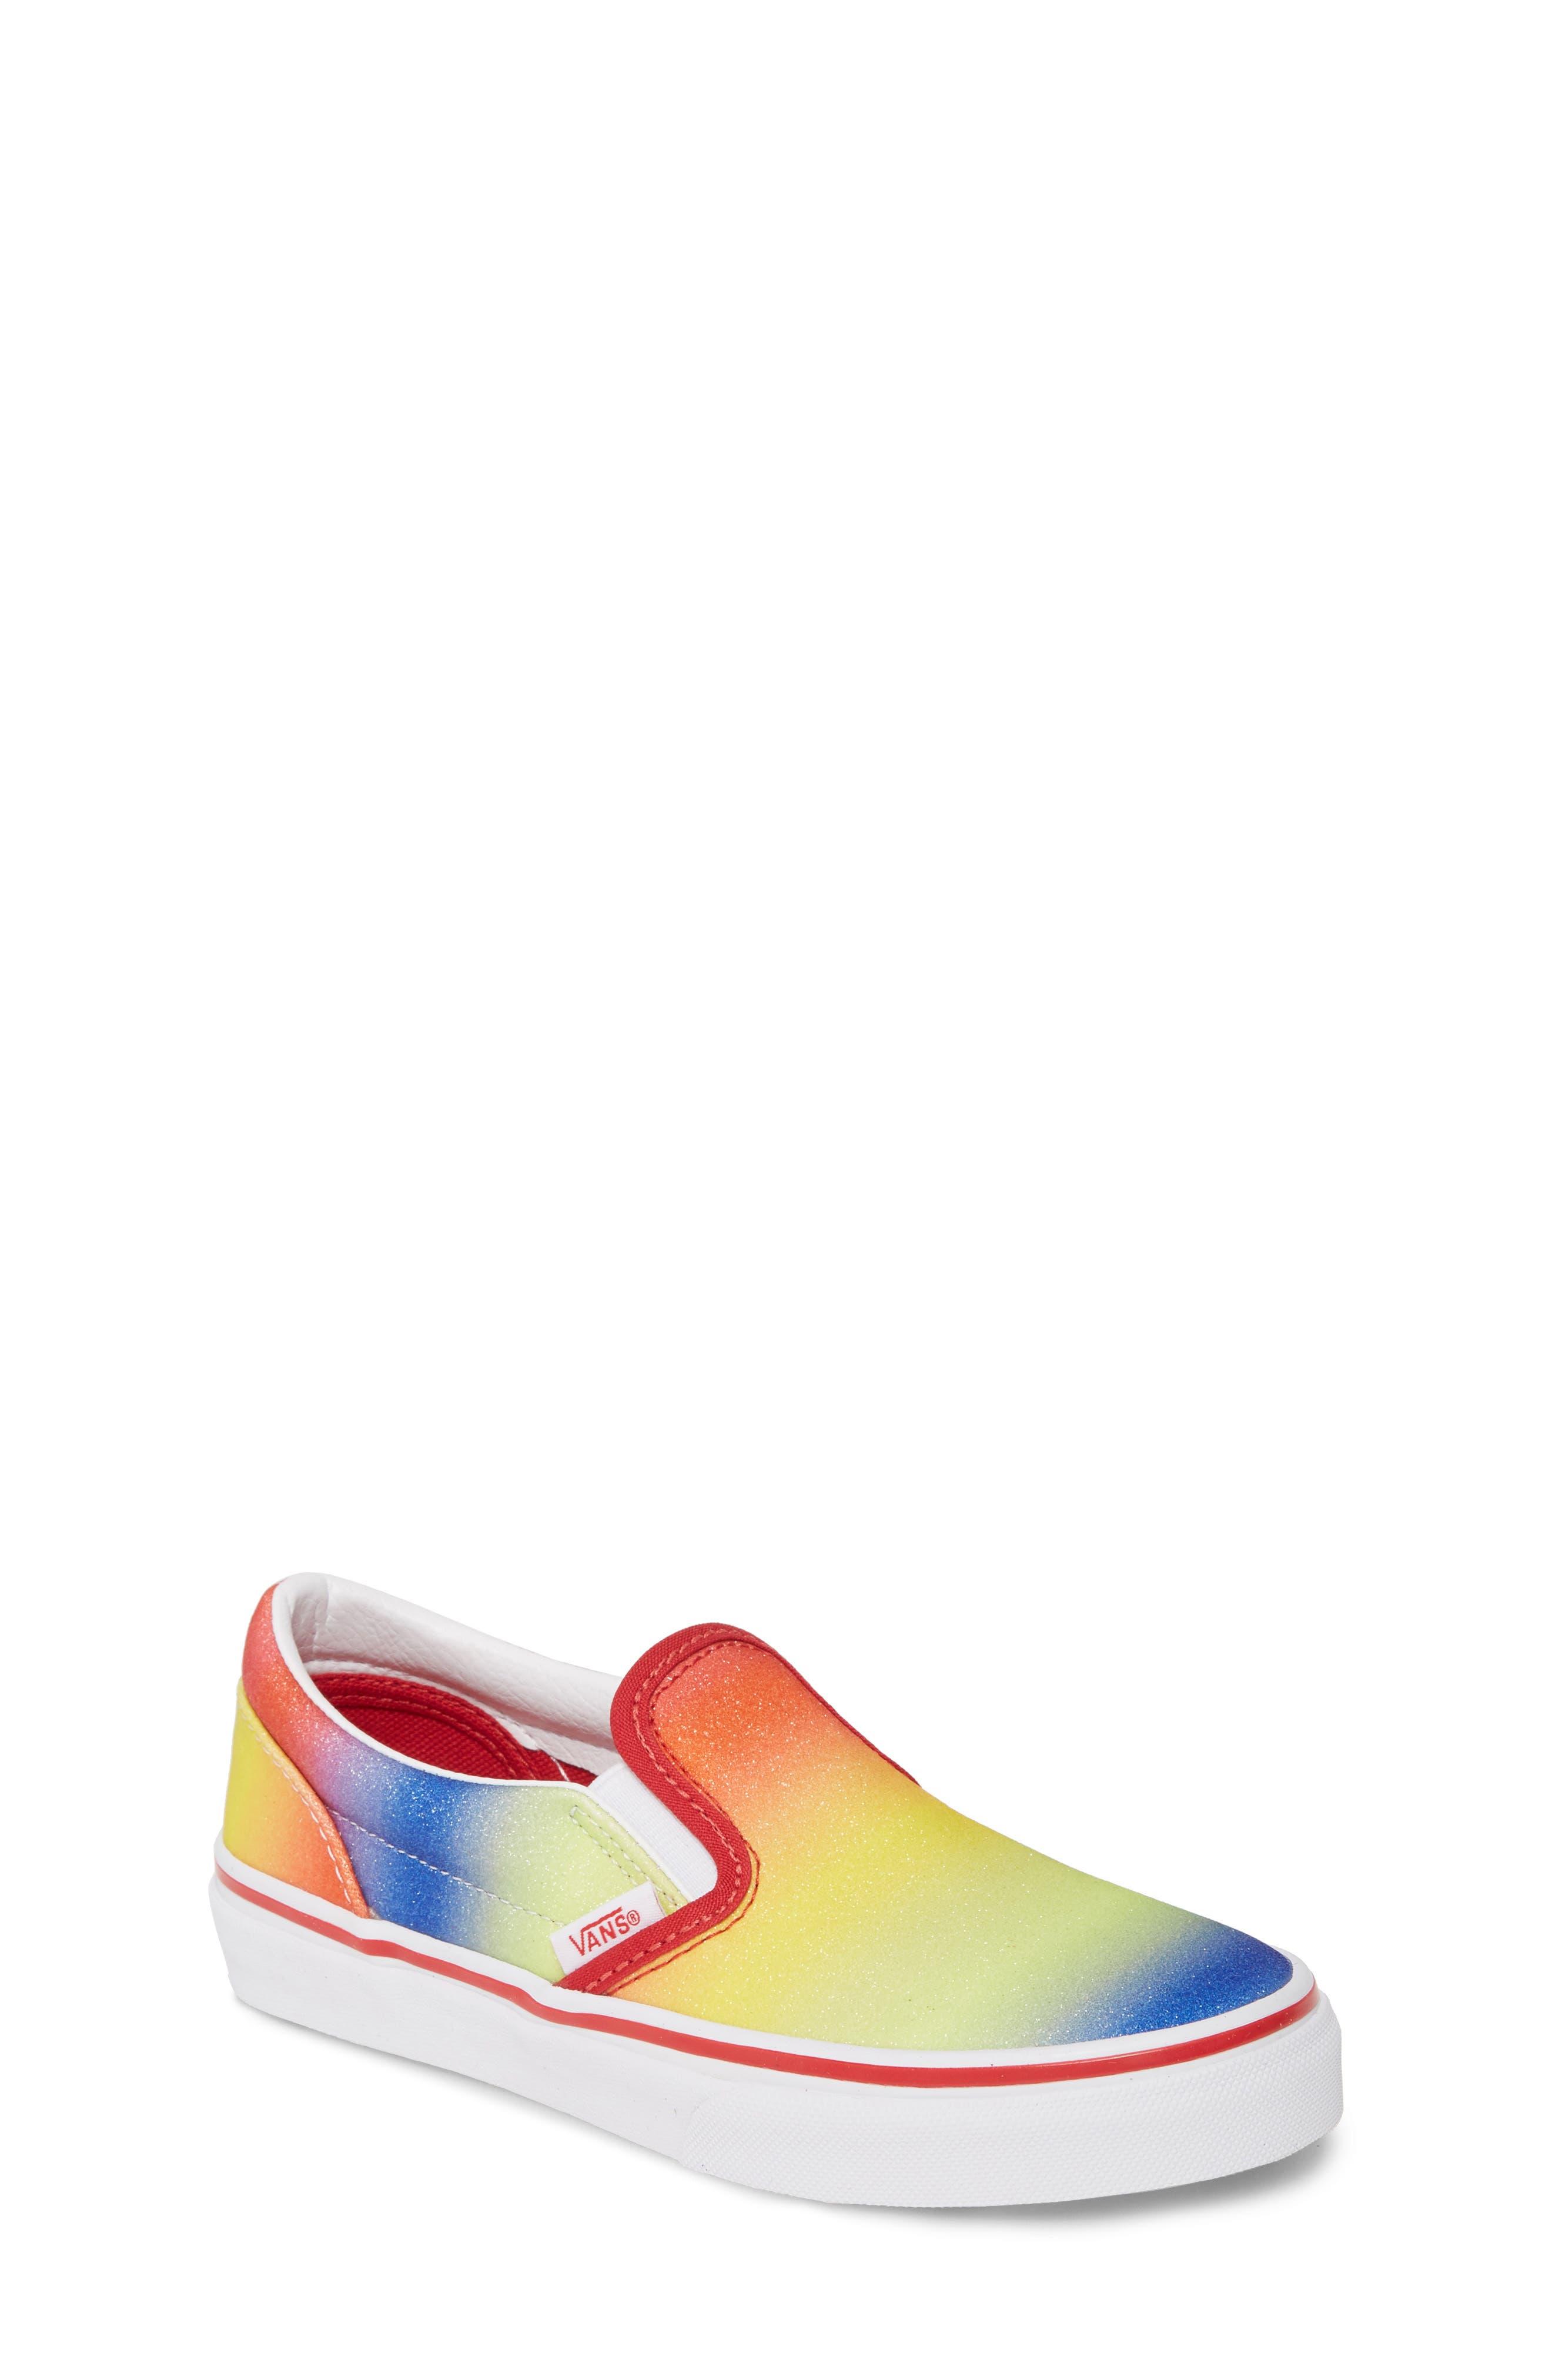 Vans Glitter Rainbow Slip-On Sneaker